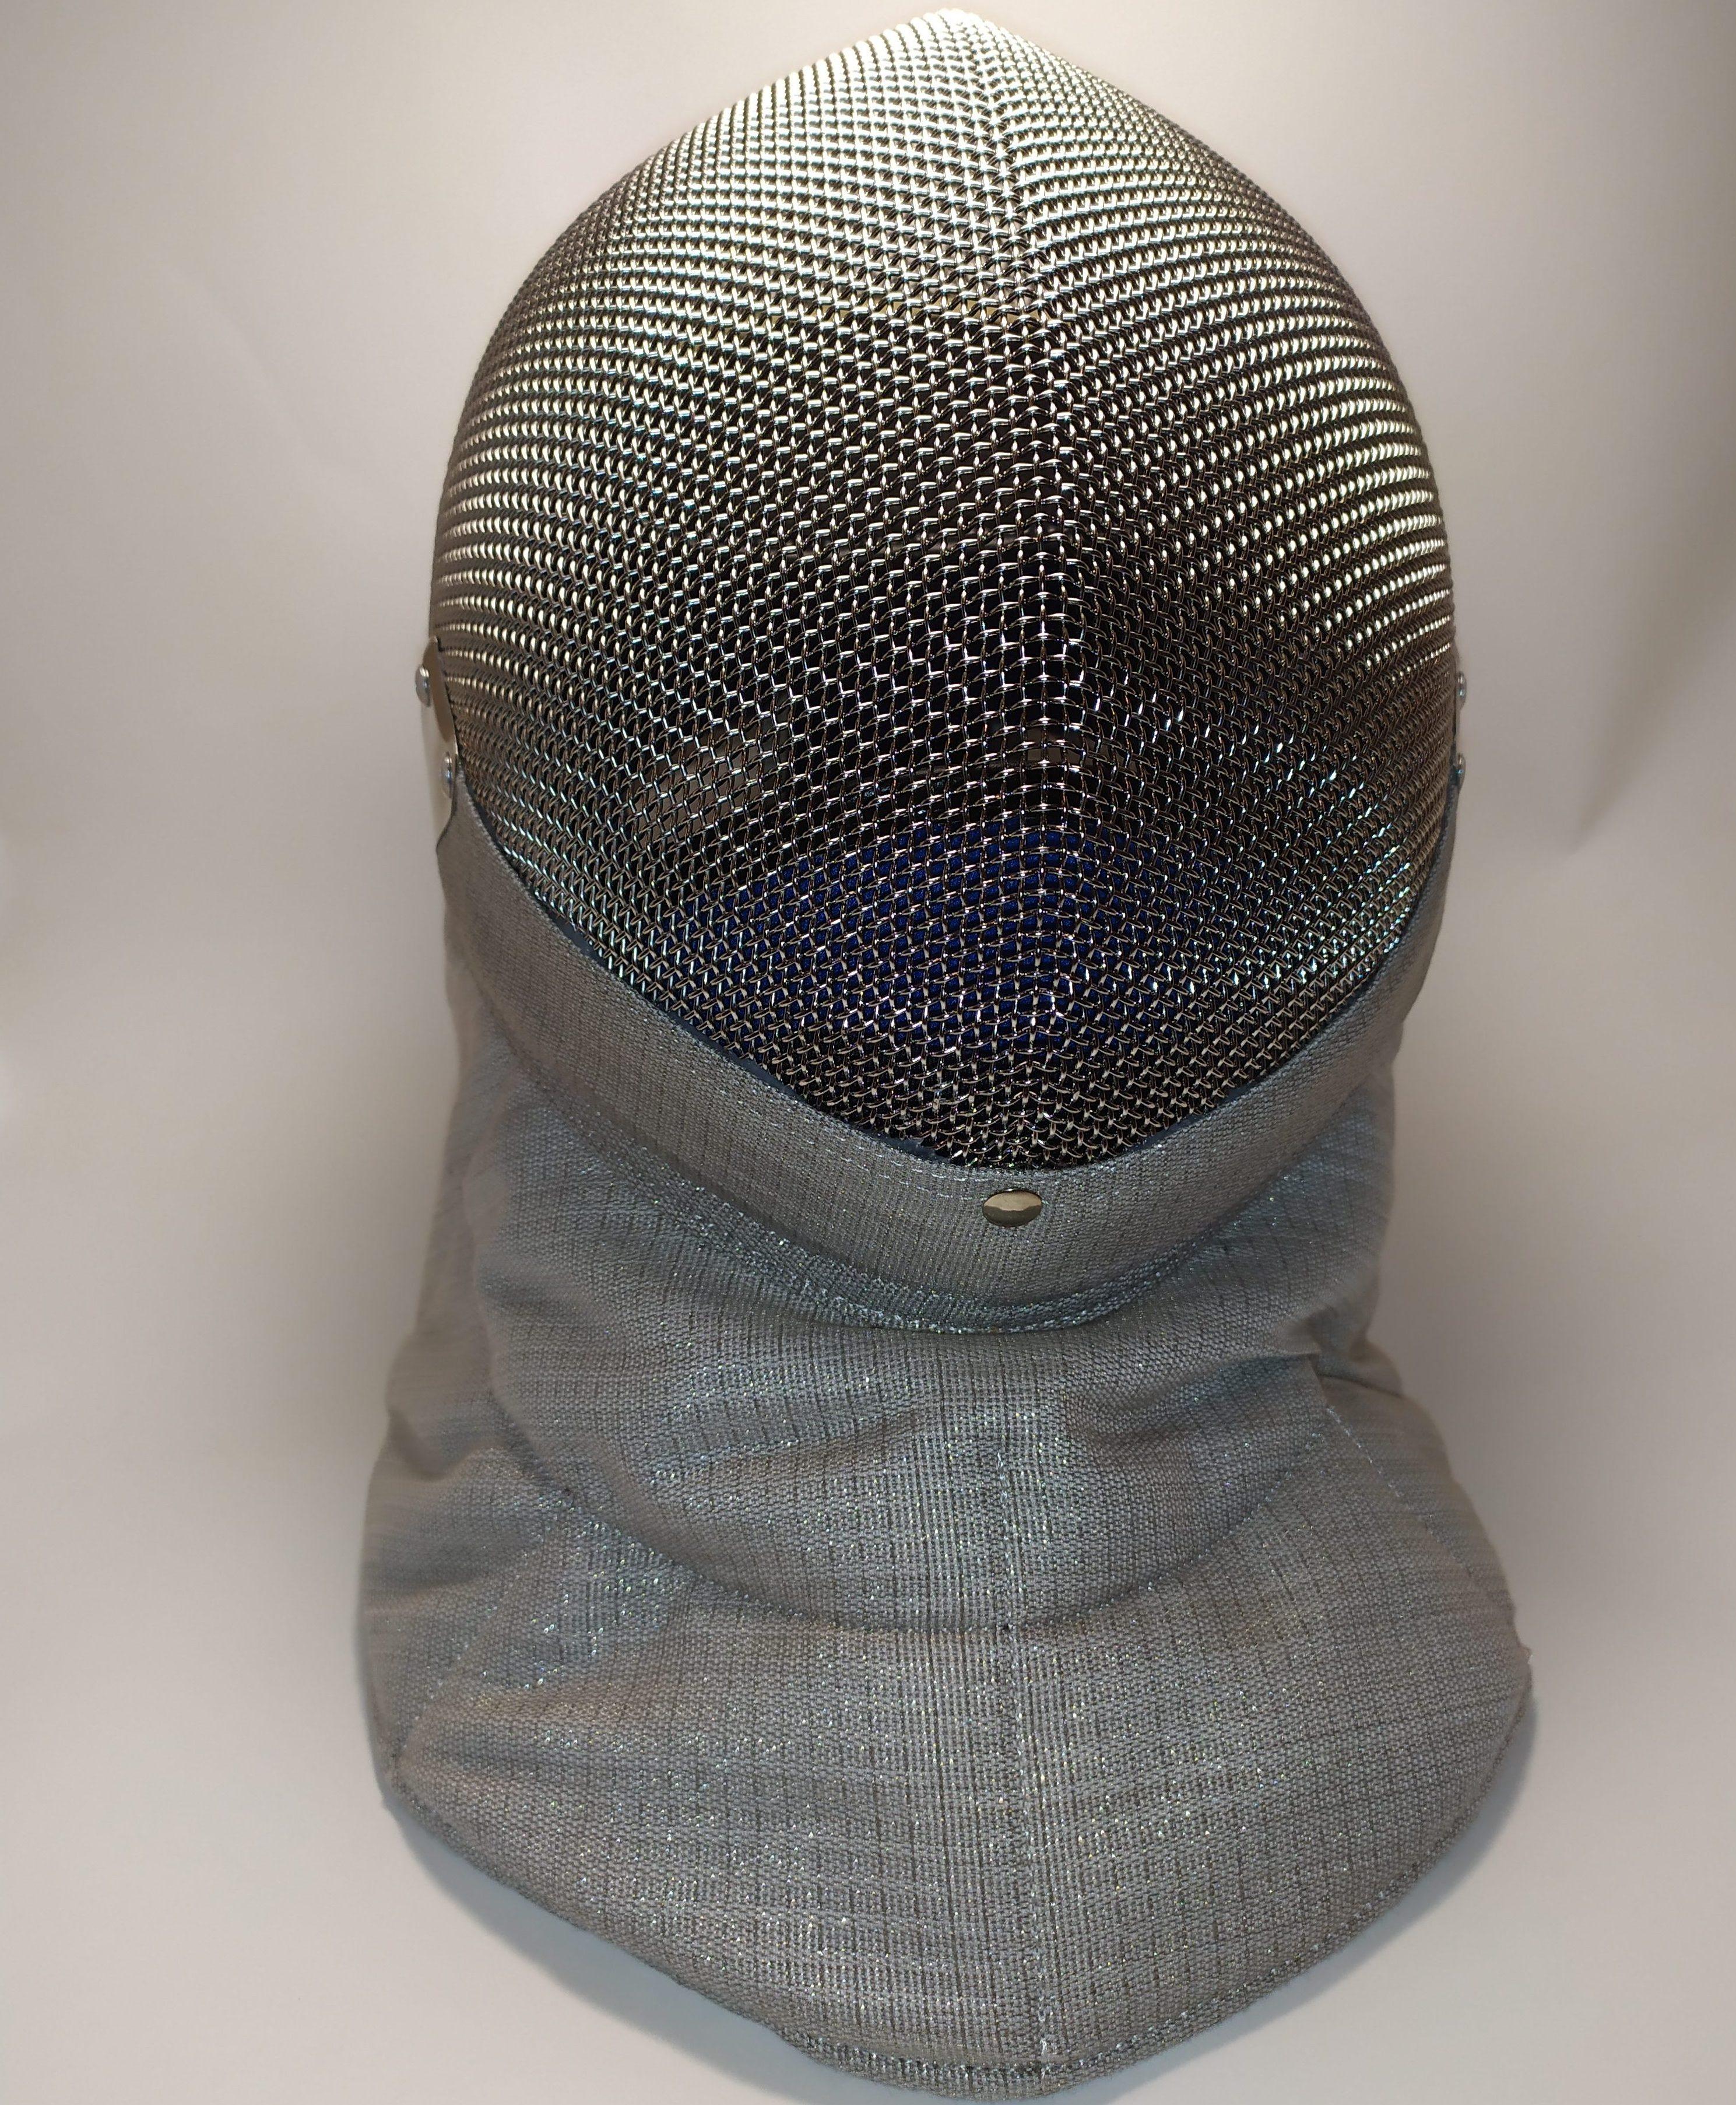 Маска фехтовальная сабля FIE 1600 N BG (1)